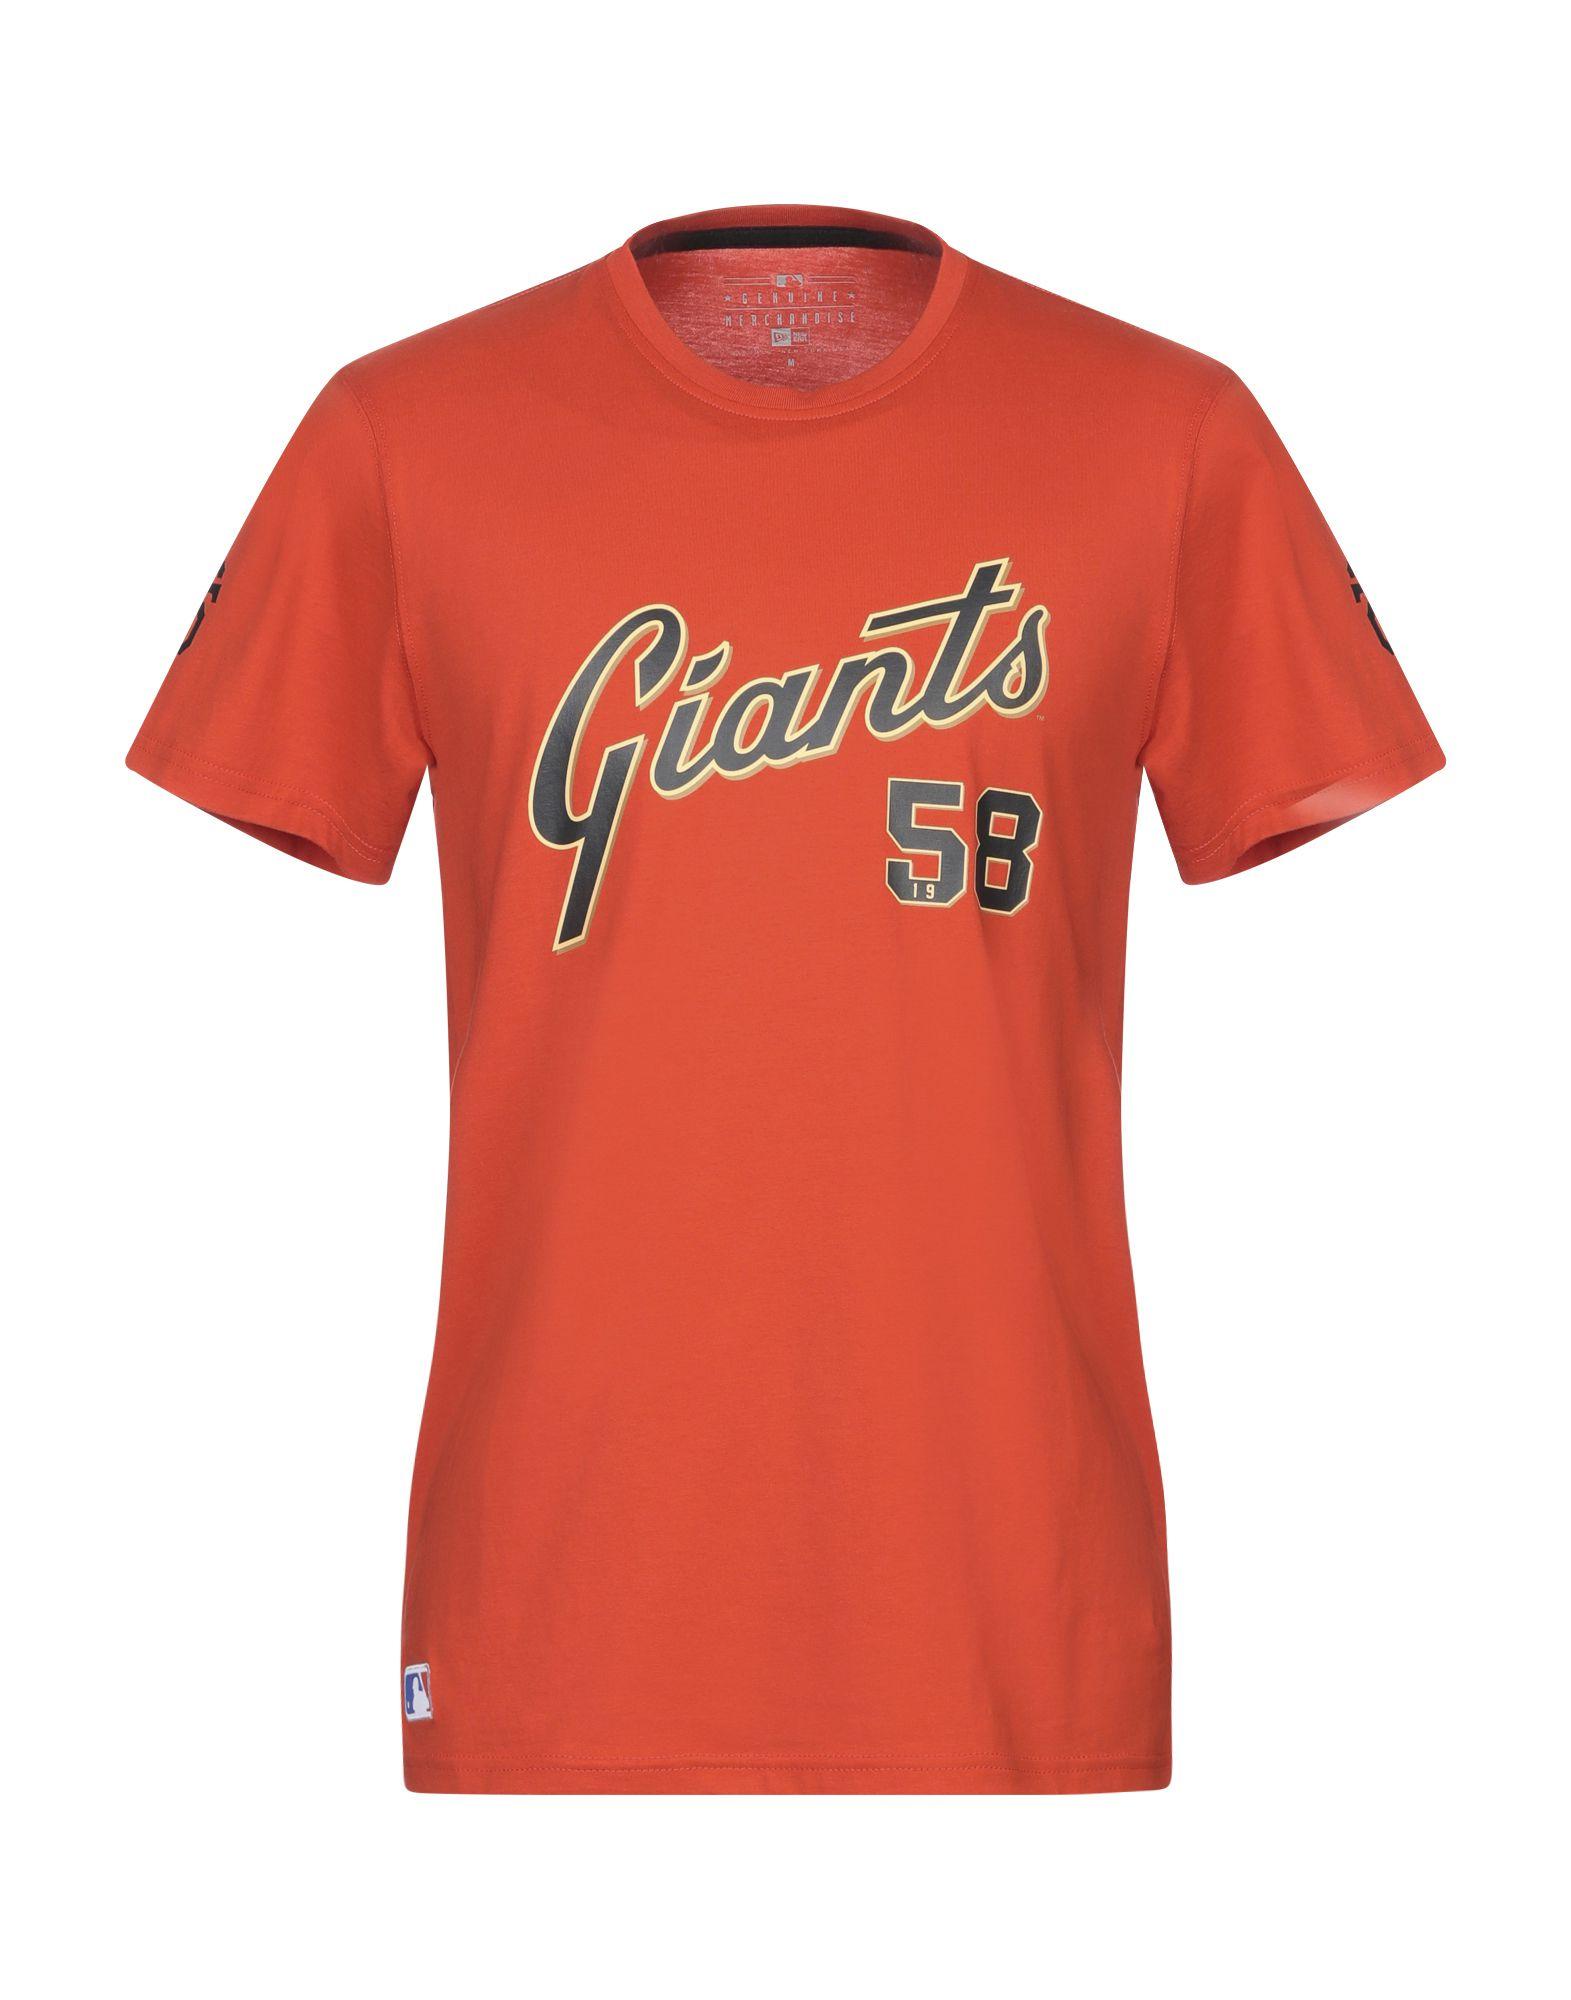 《期間限定 セール開催中》NEW ERA メンズ T シャツ オレンジ M コットン 100%